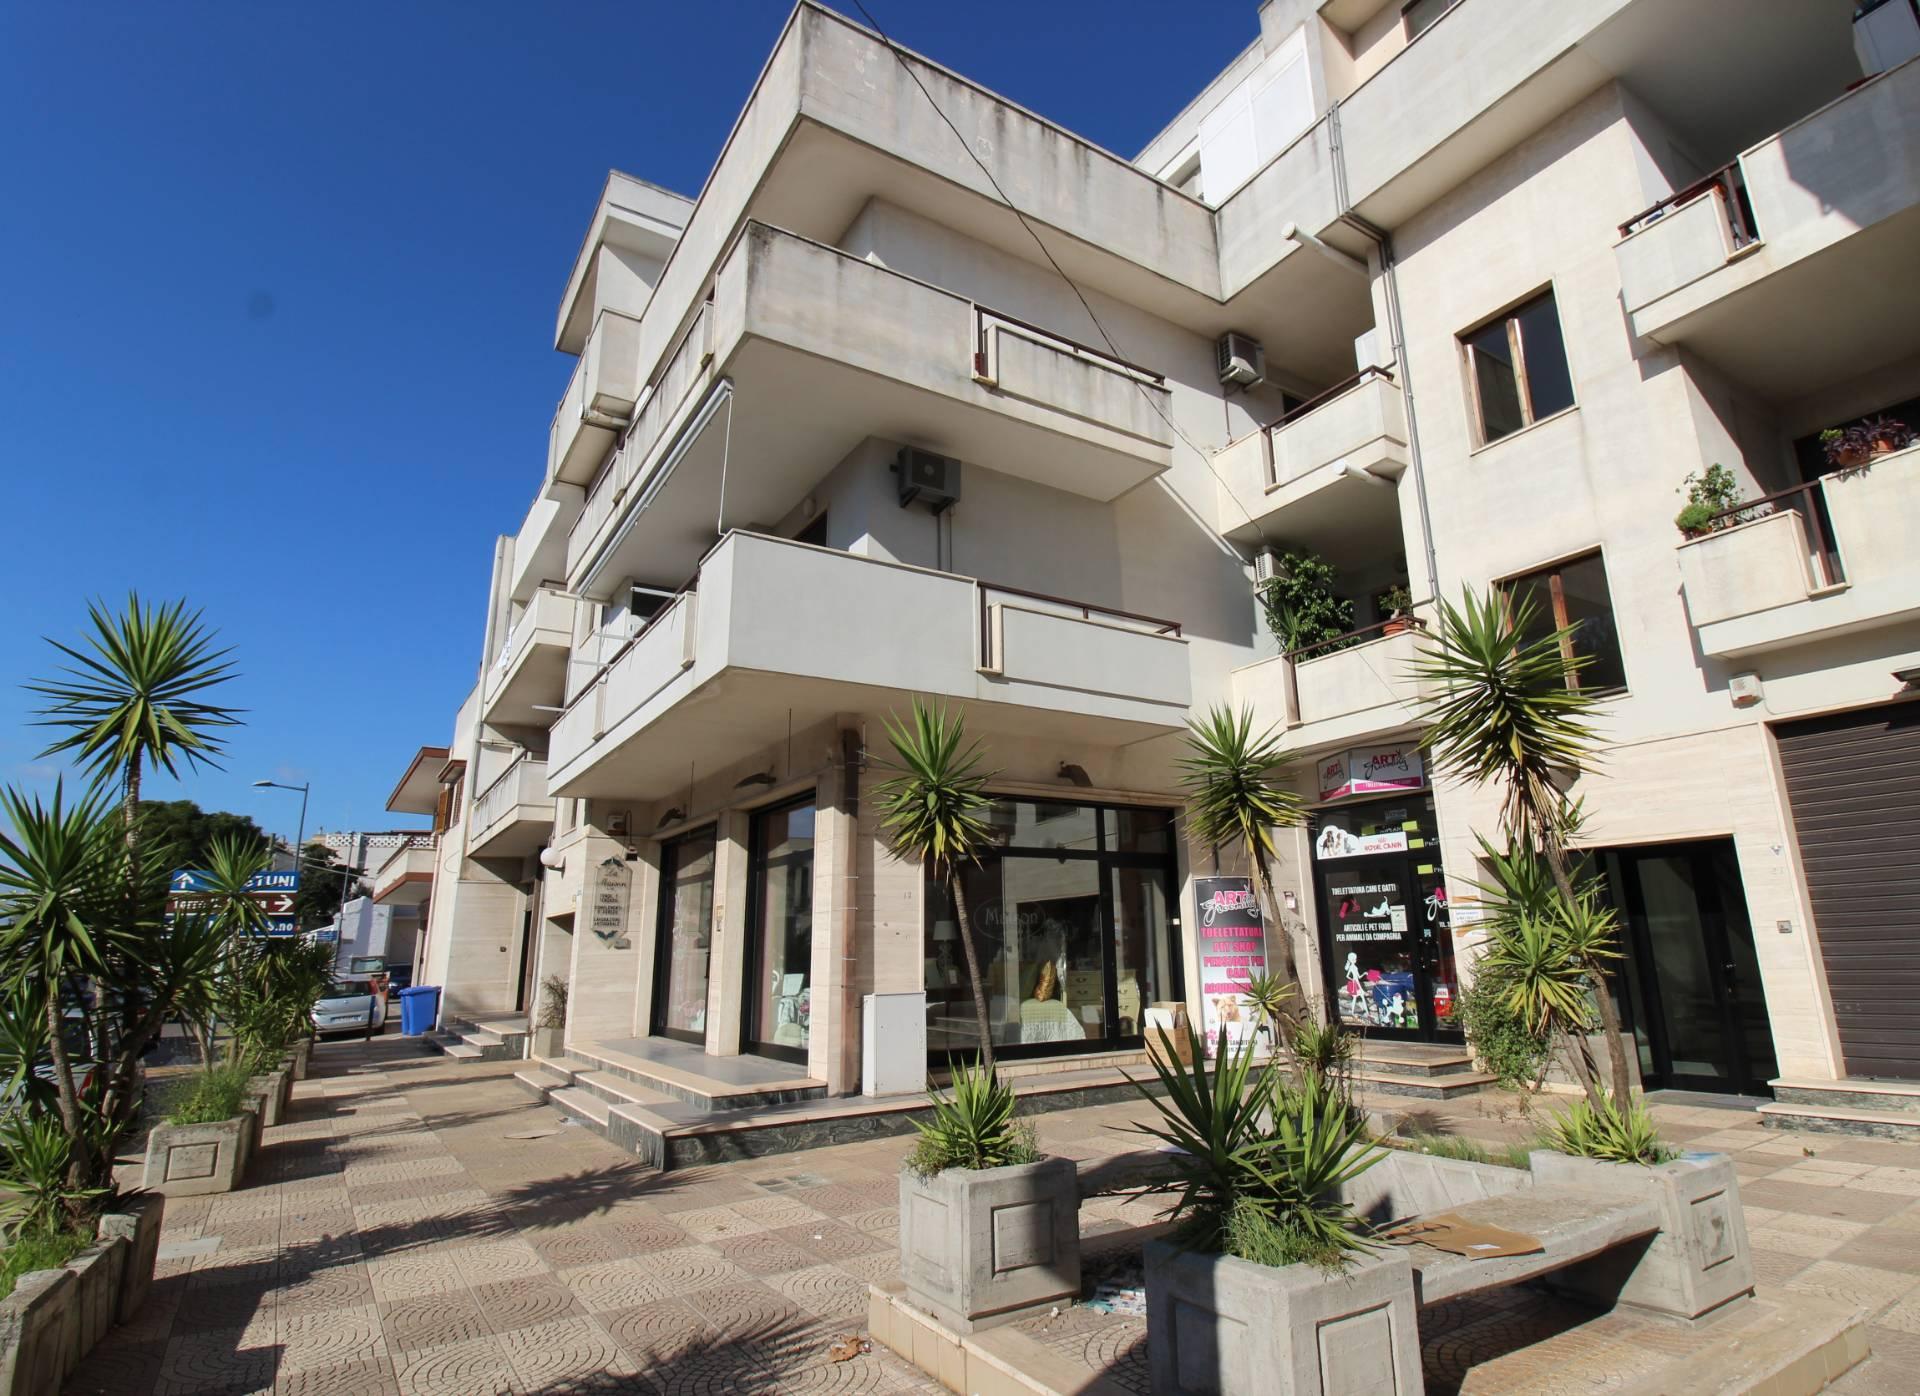 Appartamento in vendita a Carovigno (BR)